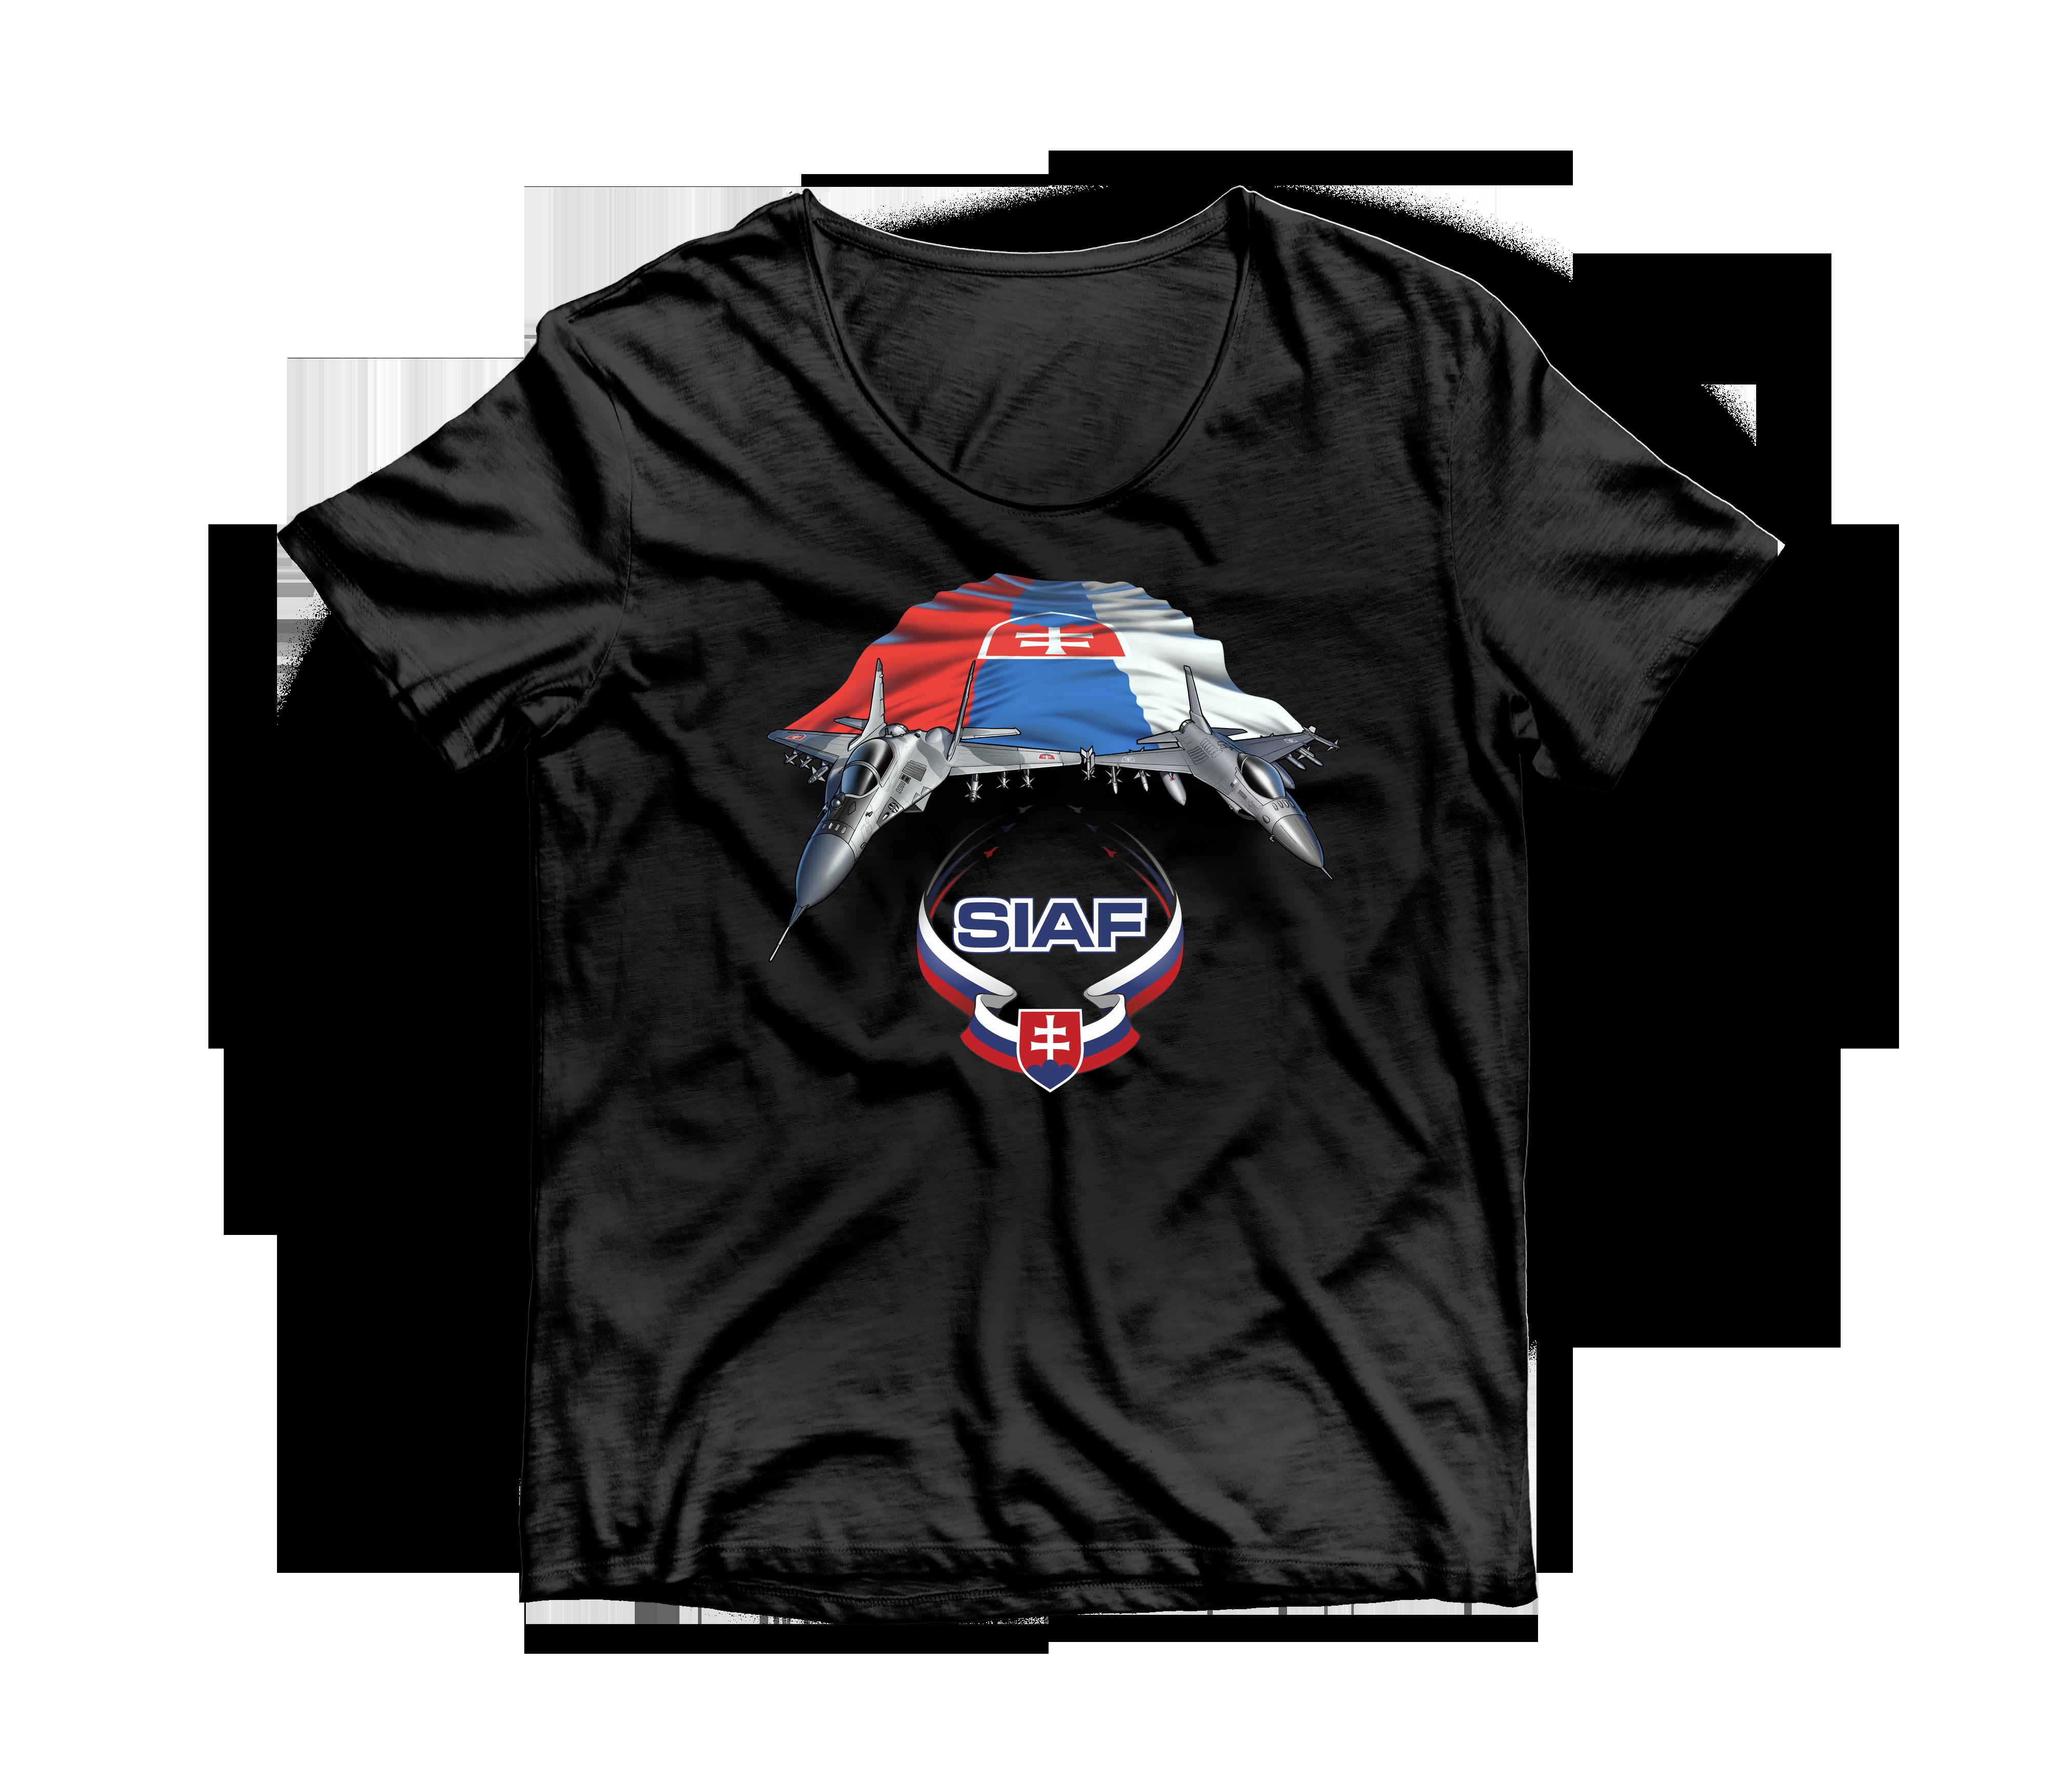 SIAF tričká 2021 - SIAF tričko 2021 Čierne